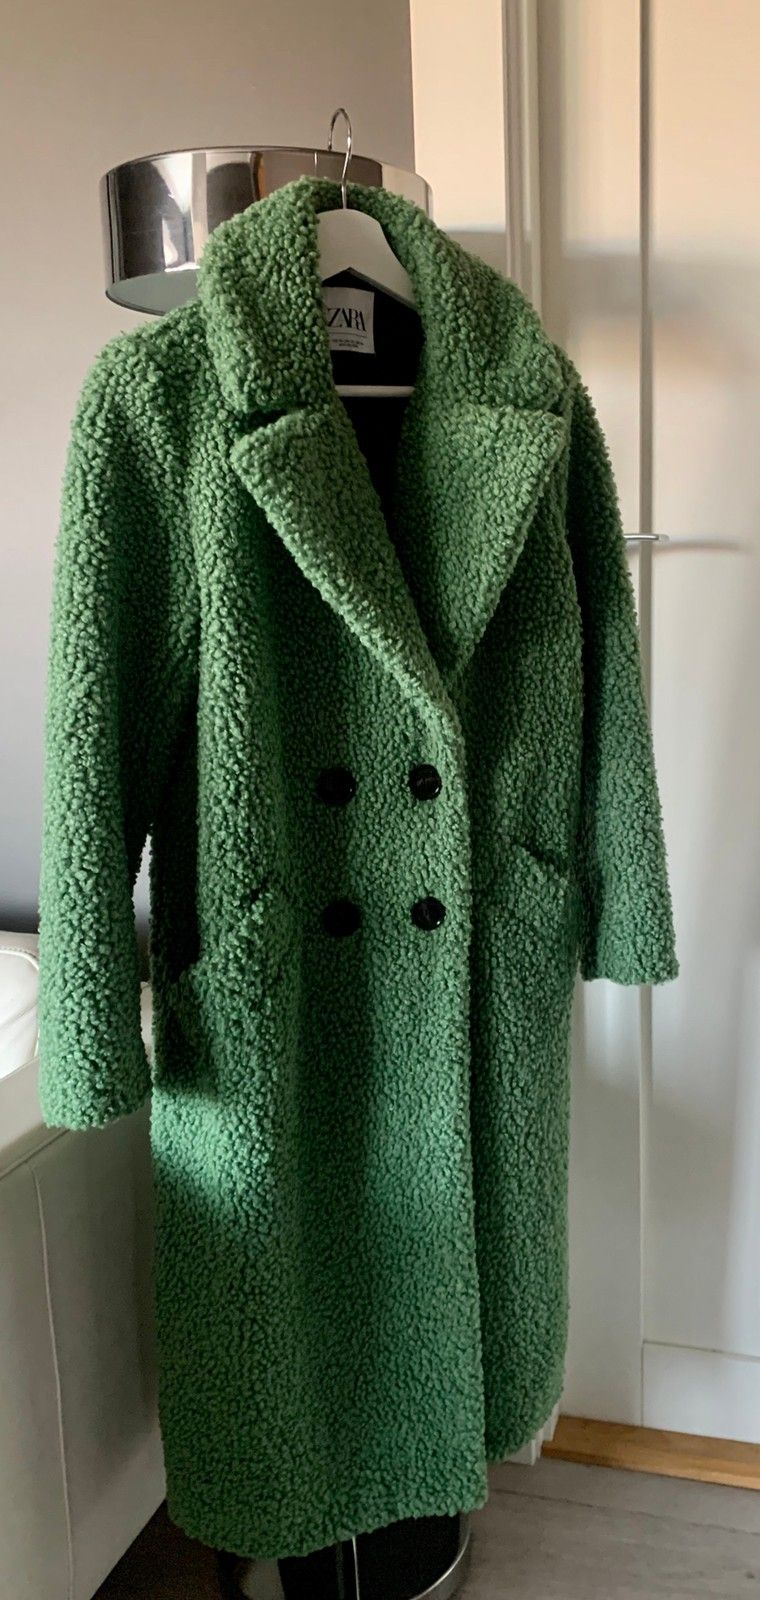 Kåpe fra Zara i grønn 400kr | FINN.no